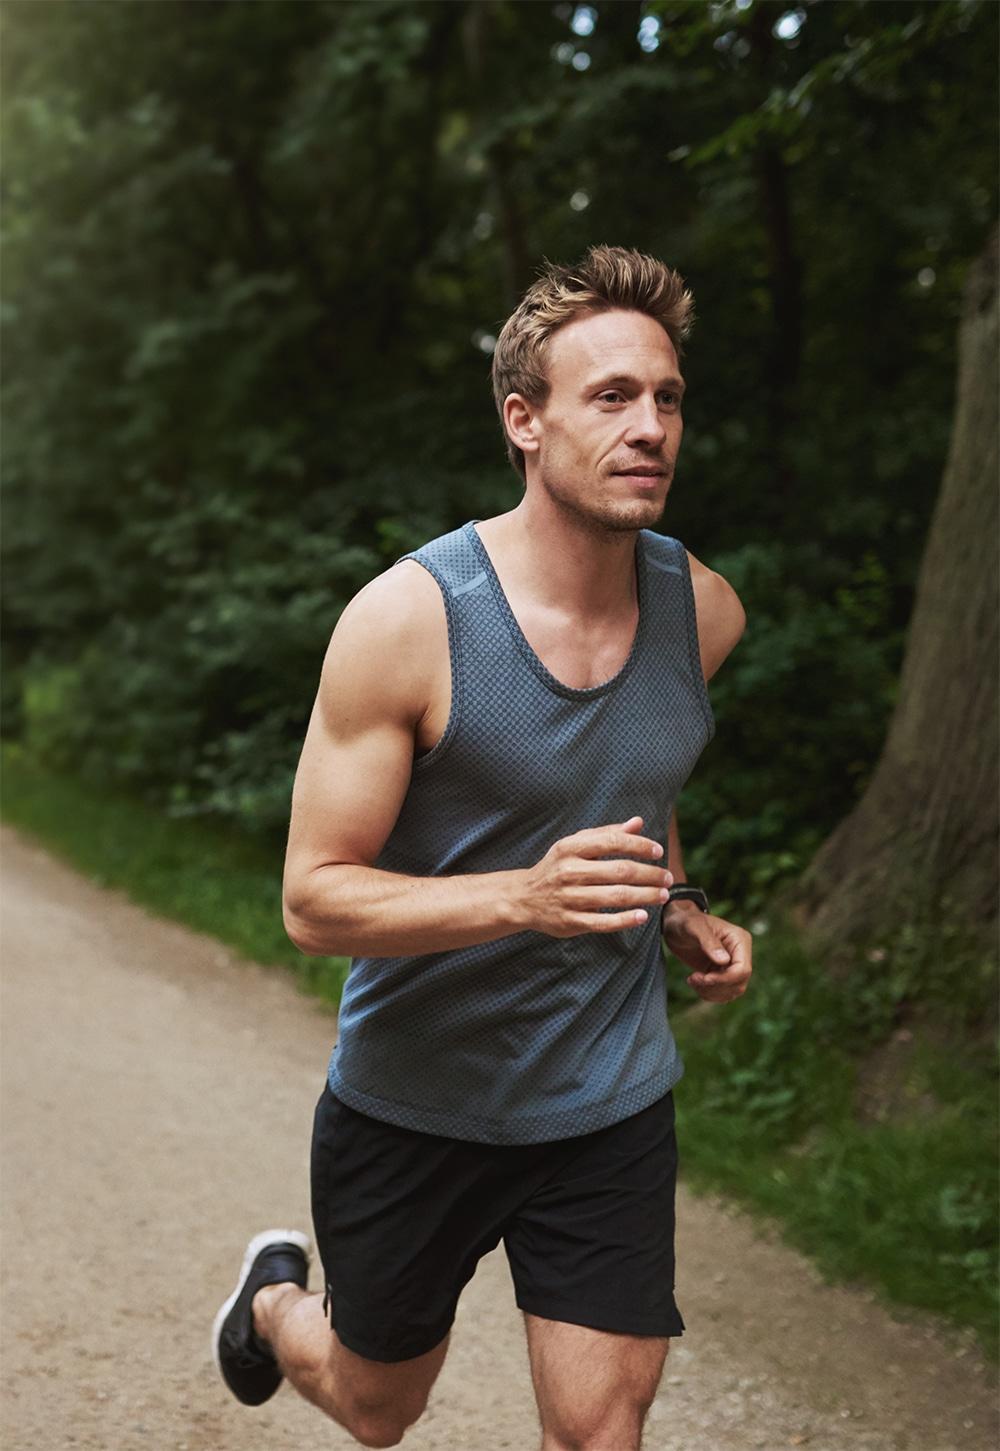 Ser vegano y atleta es completamente posible